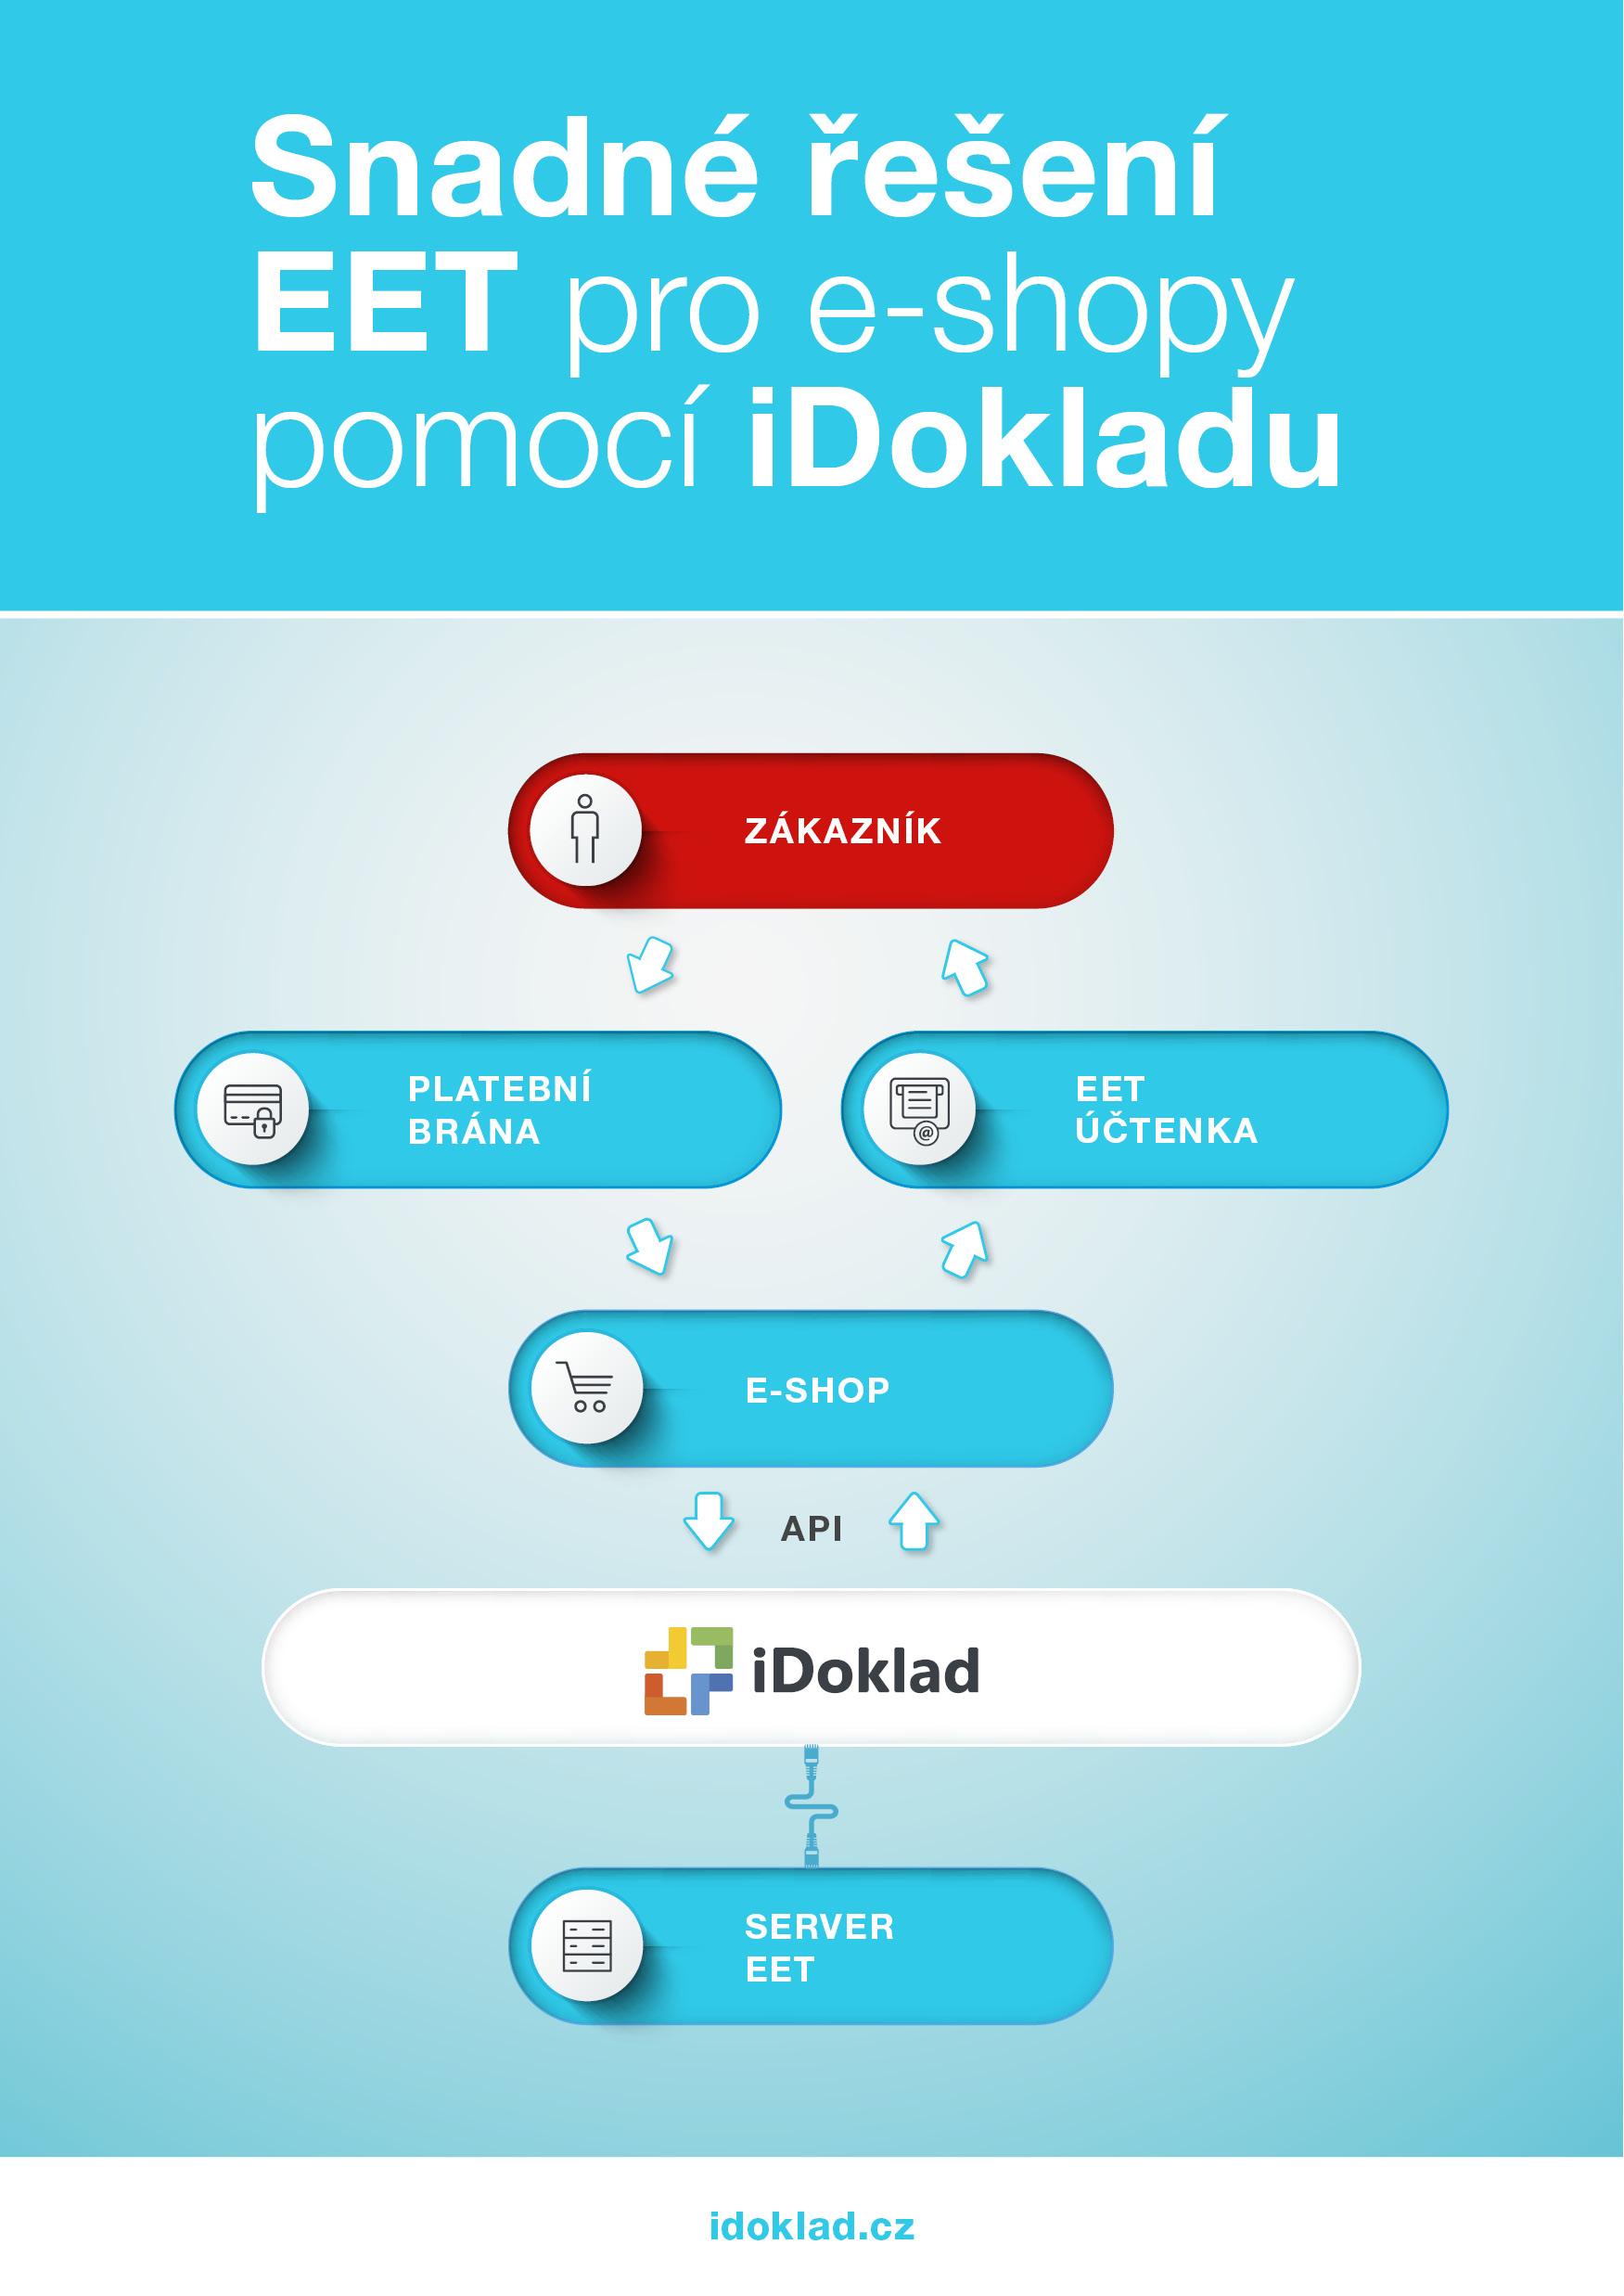 Jak funguje EET pro e-shopy pomocí iDokladu